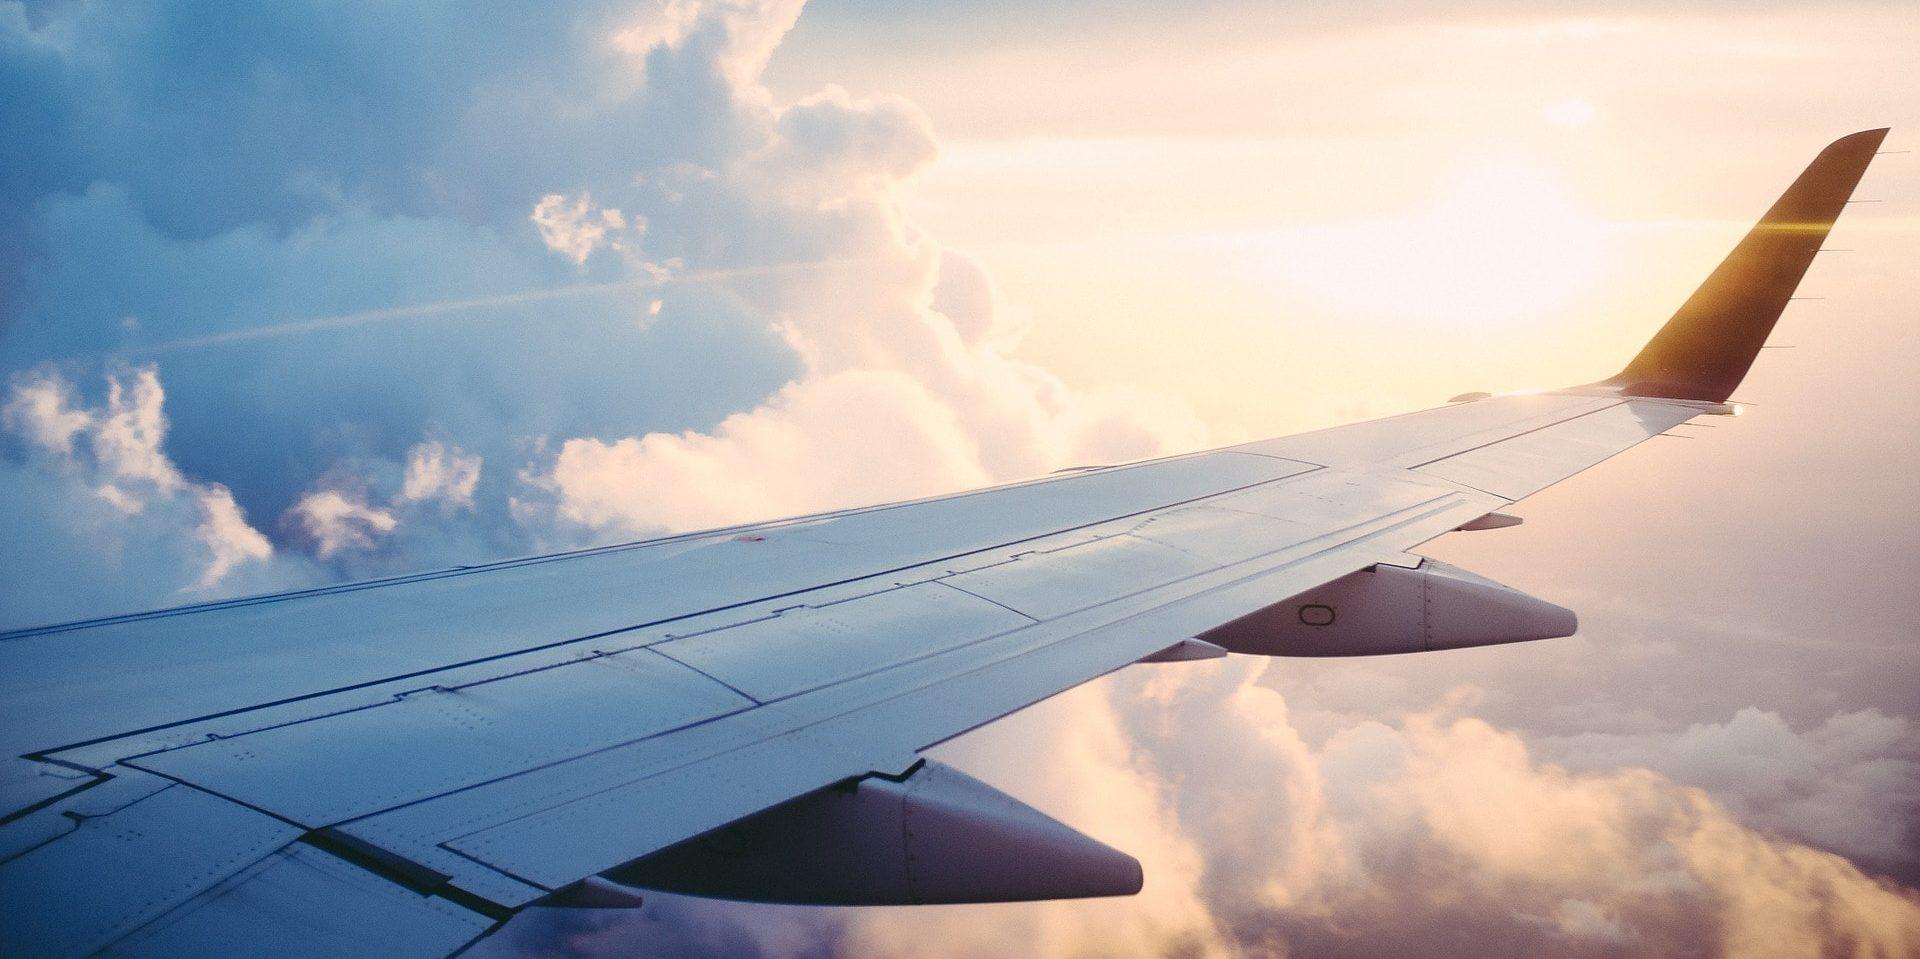 Corsica Frankrijk uitzicht vliegtuig wolken zon vleugel straalmotoren